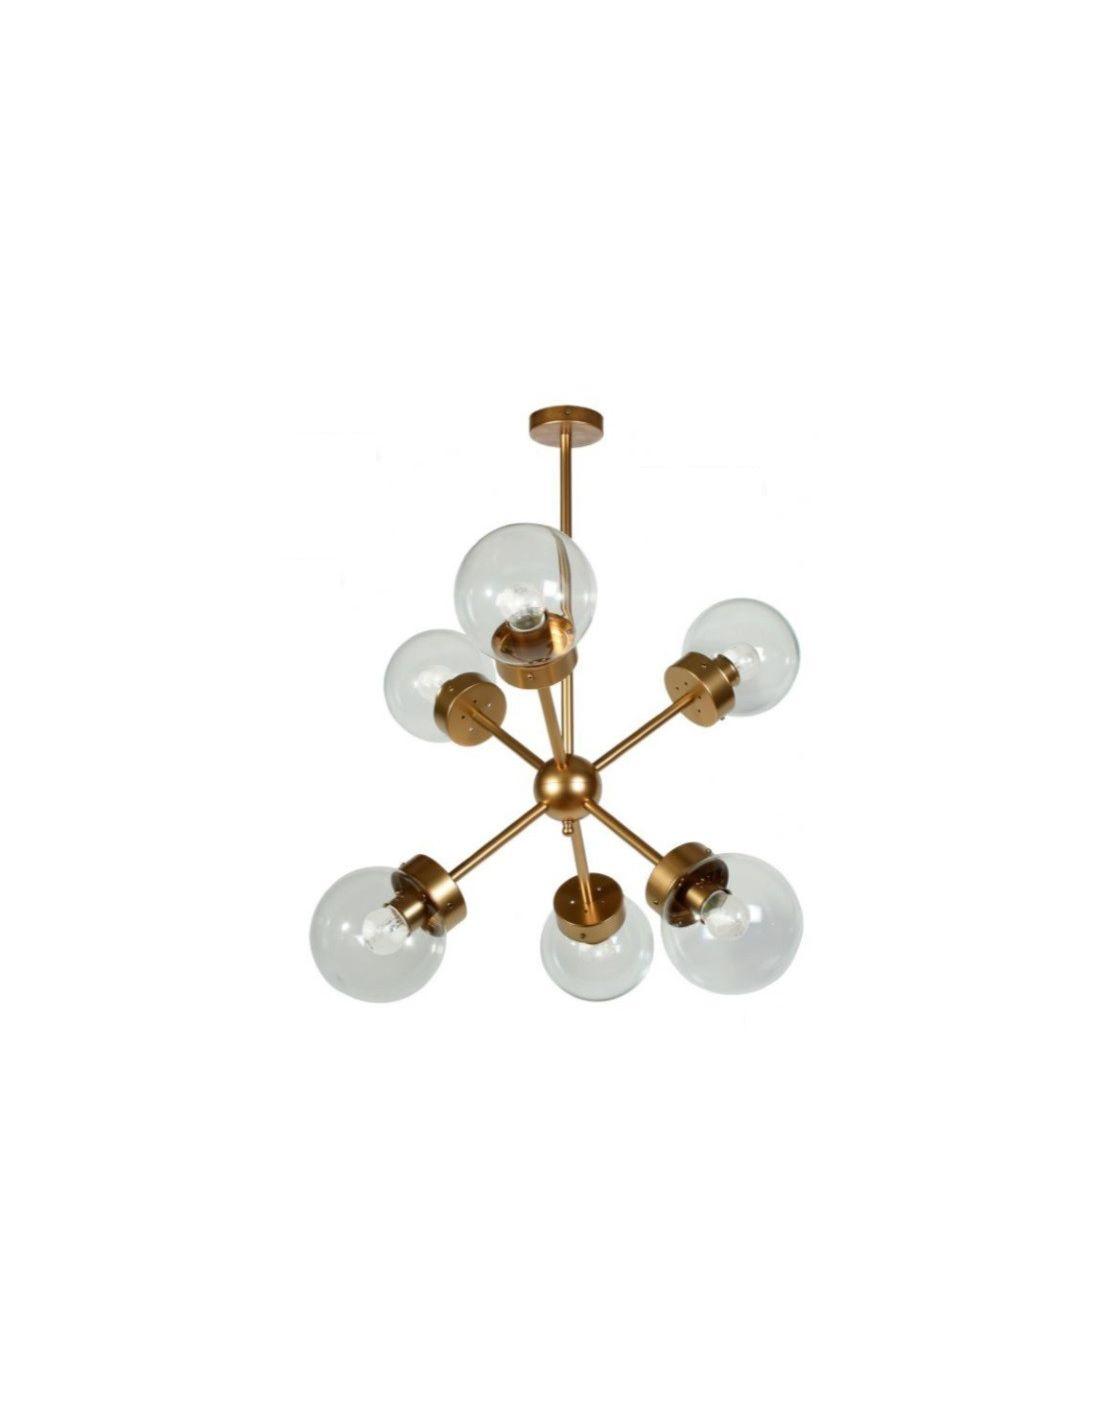 lámpara sputnik de 6 luces dorada. compra online o por teléfono